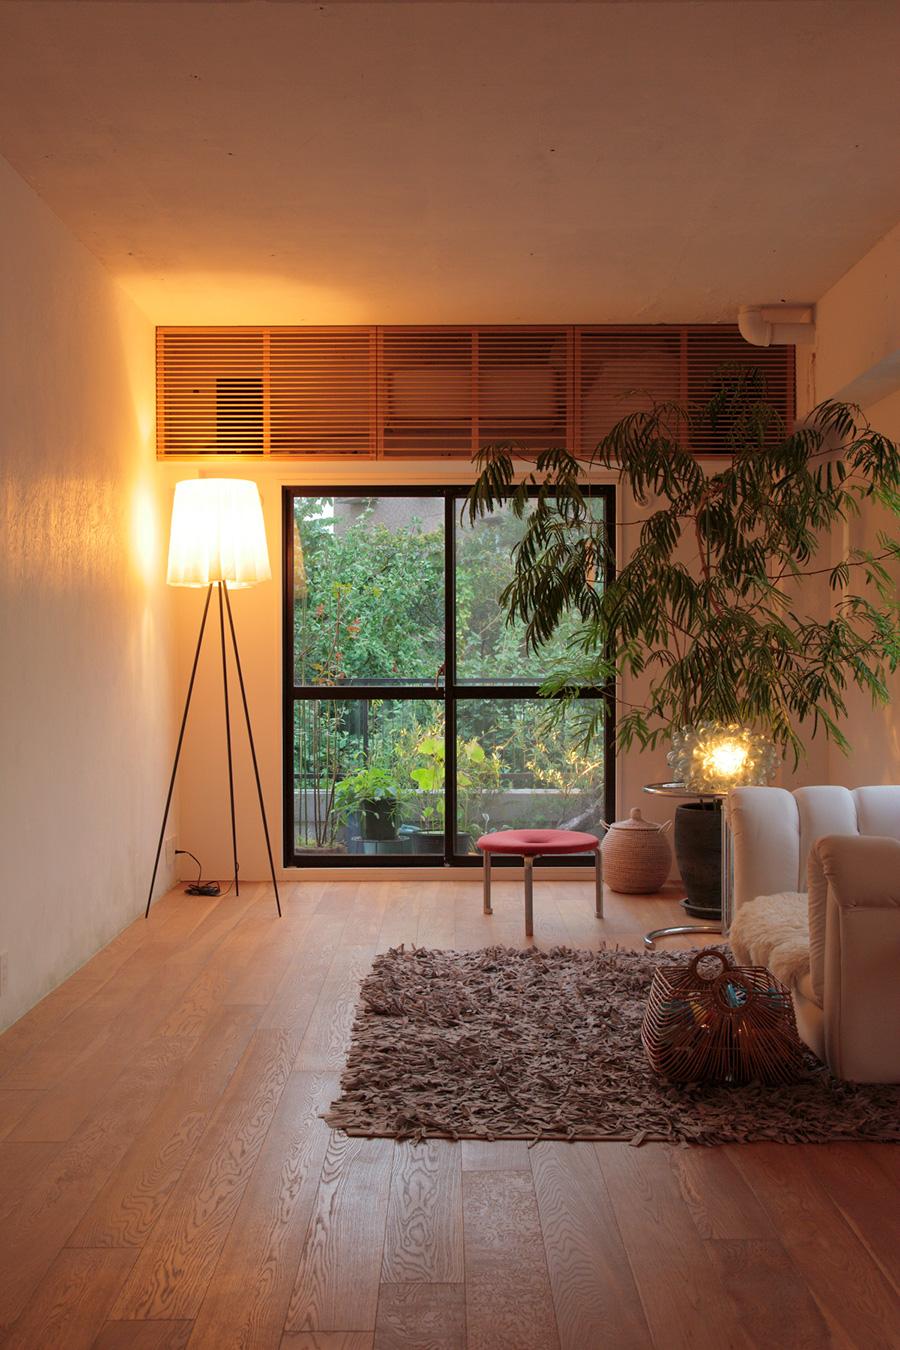 リラックスしたいときには、部屋中を照らすシーリングライトよりもスタンドライトがふさわしい。